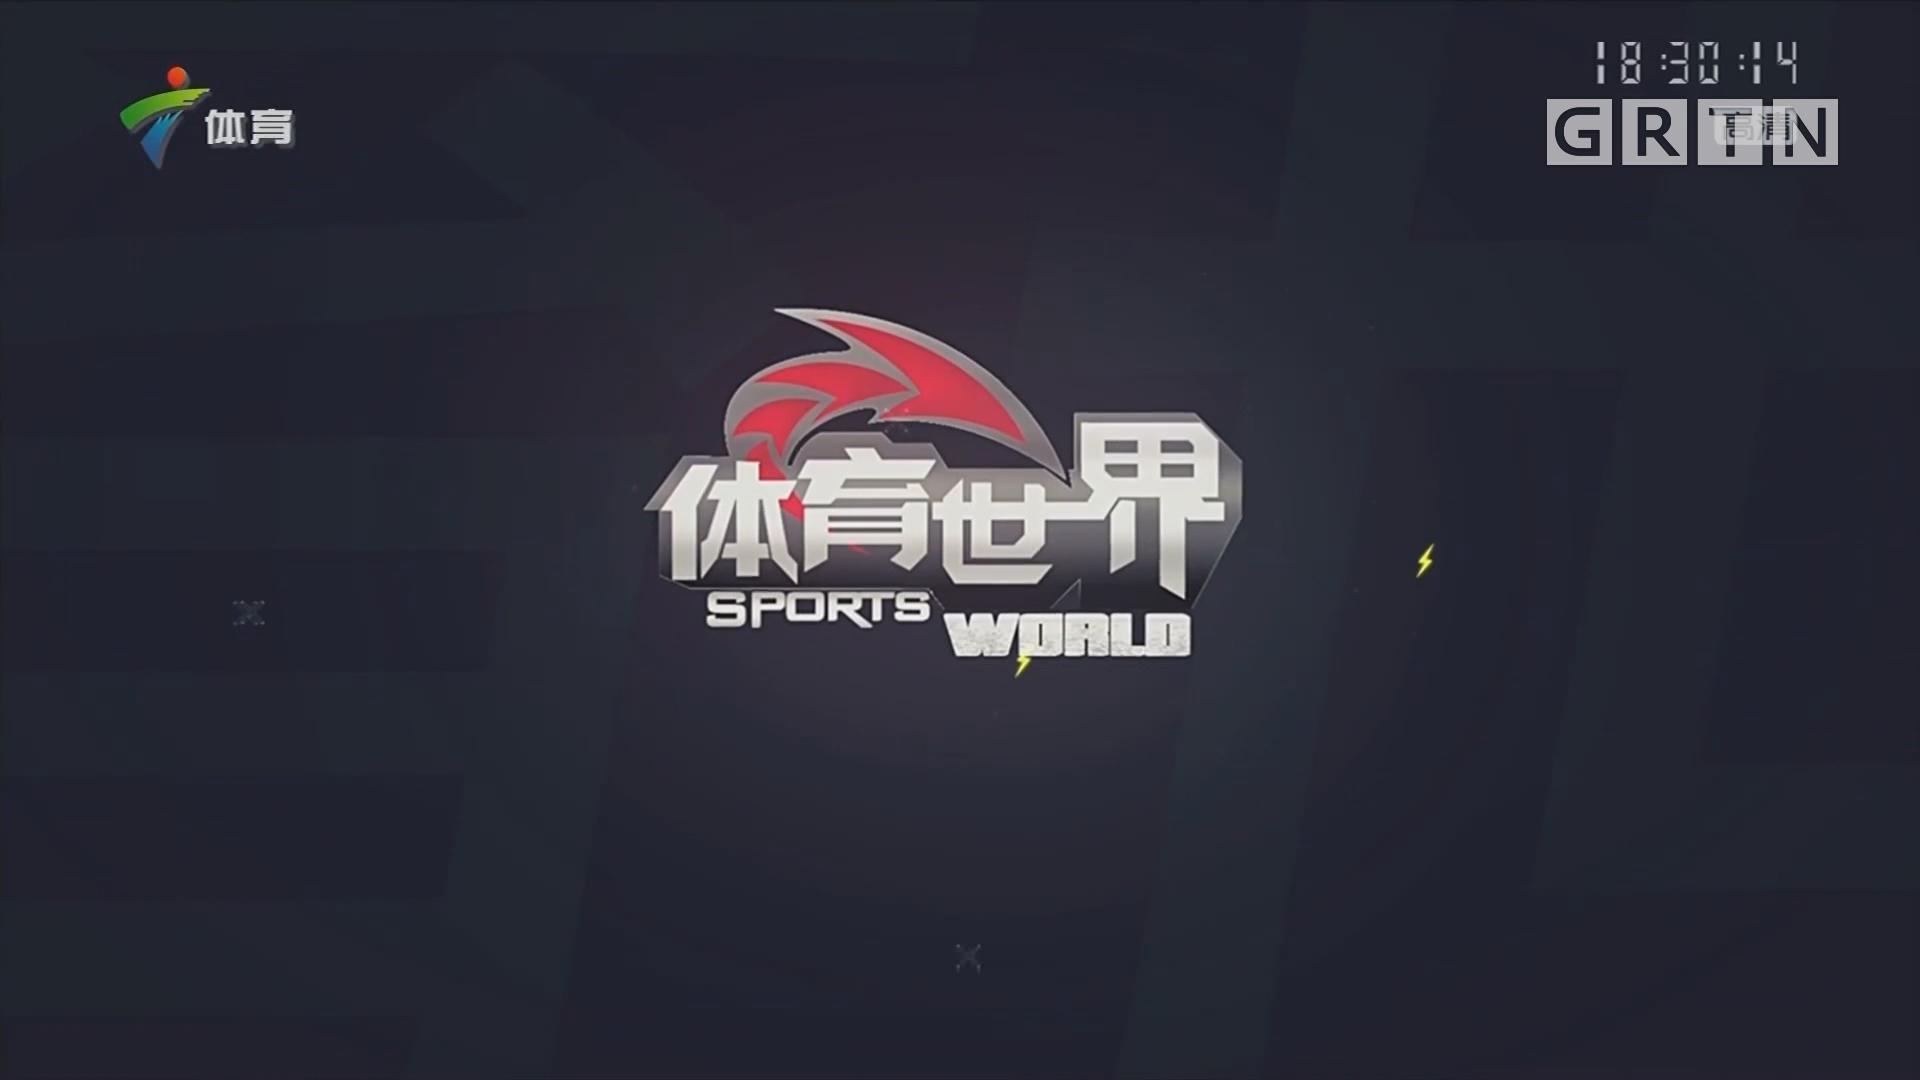 [HD][2019-03-16]体育世界:清远马拉松五年披荆斩棘 打造精品赛事